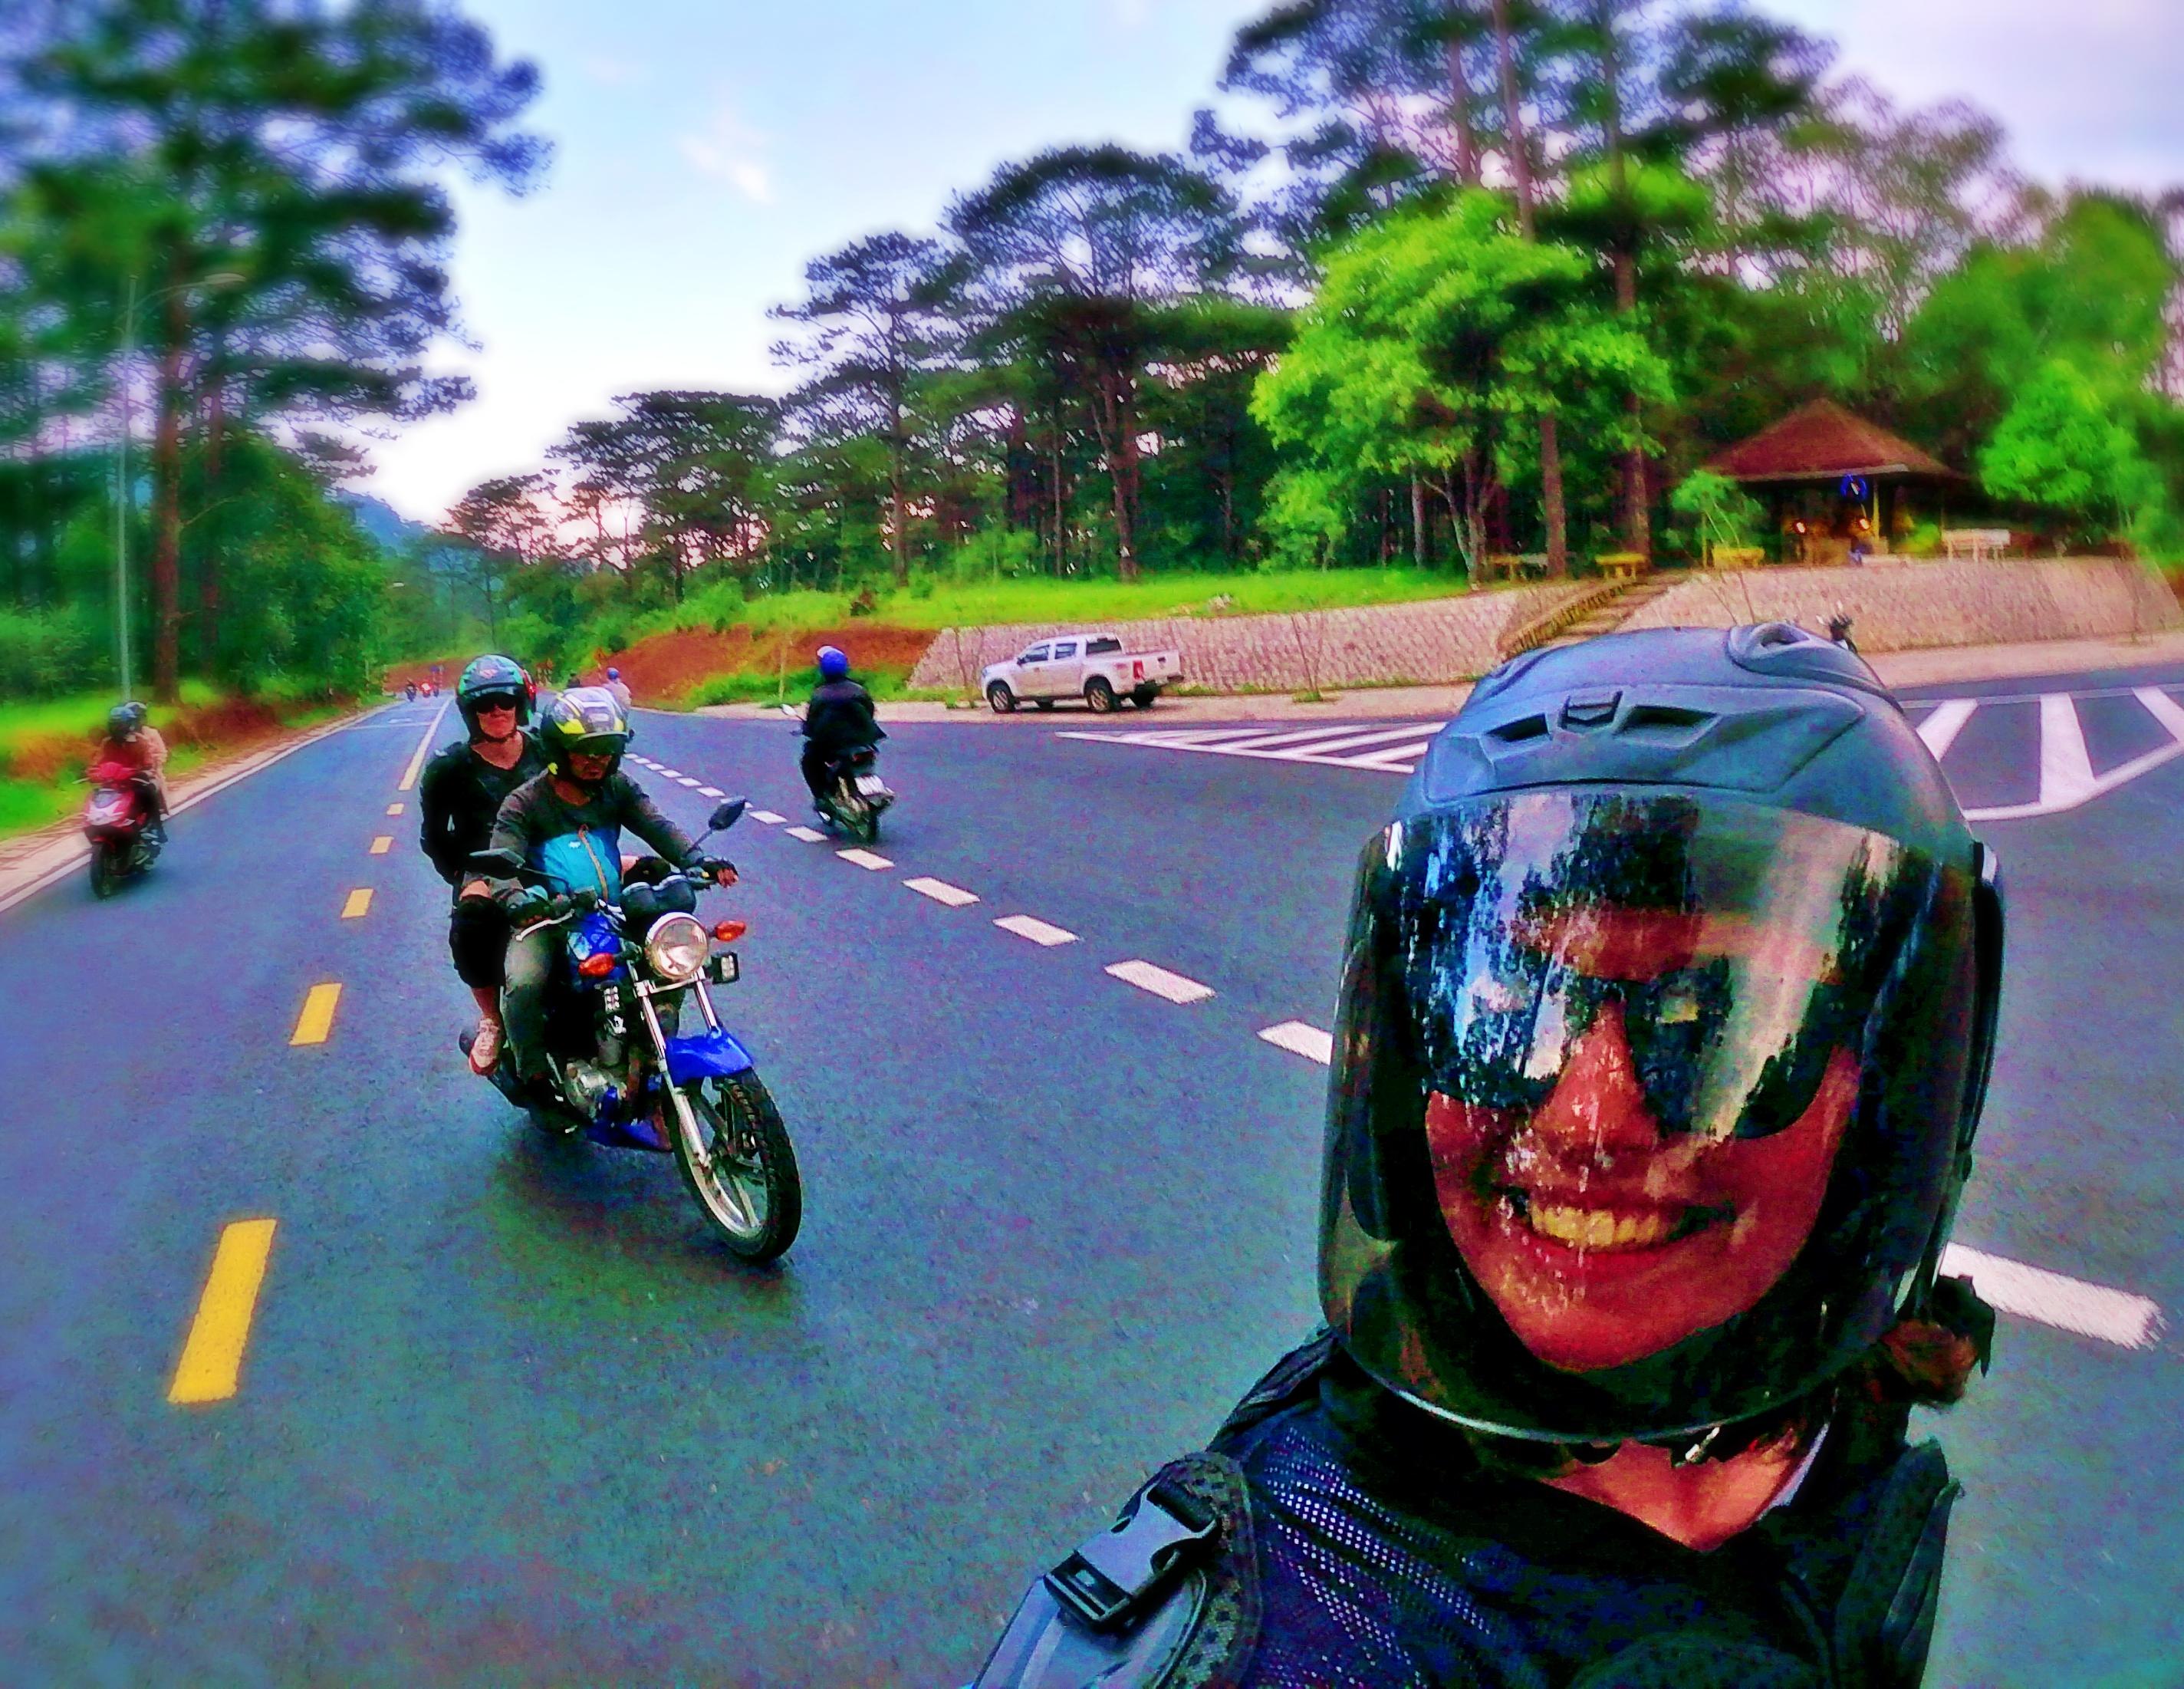 Two girls on motorbikes in Vietnam - Vietnam 30 day itinerary